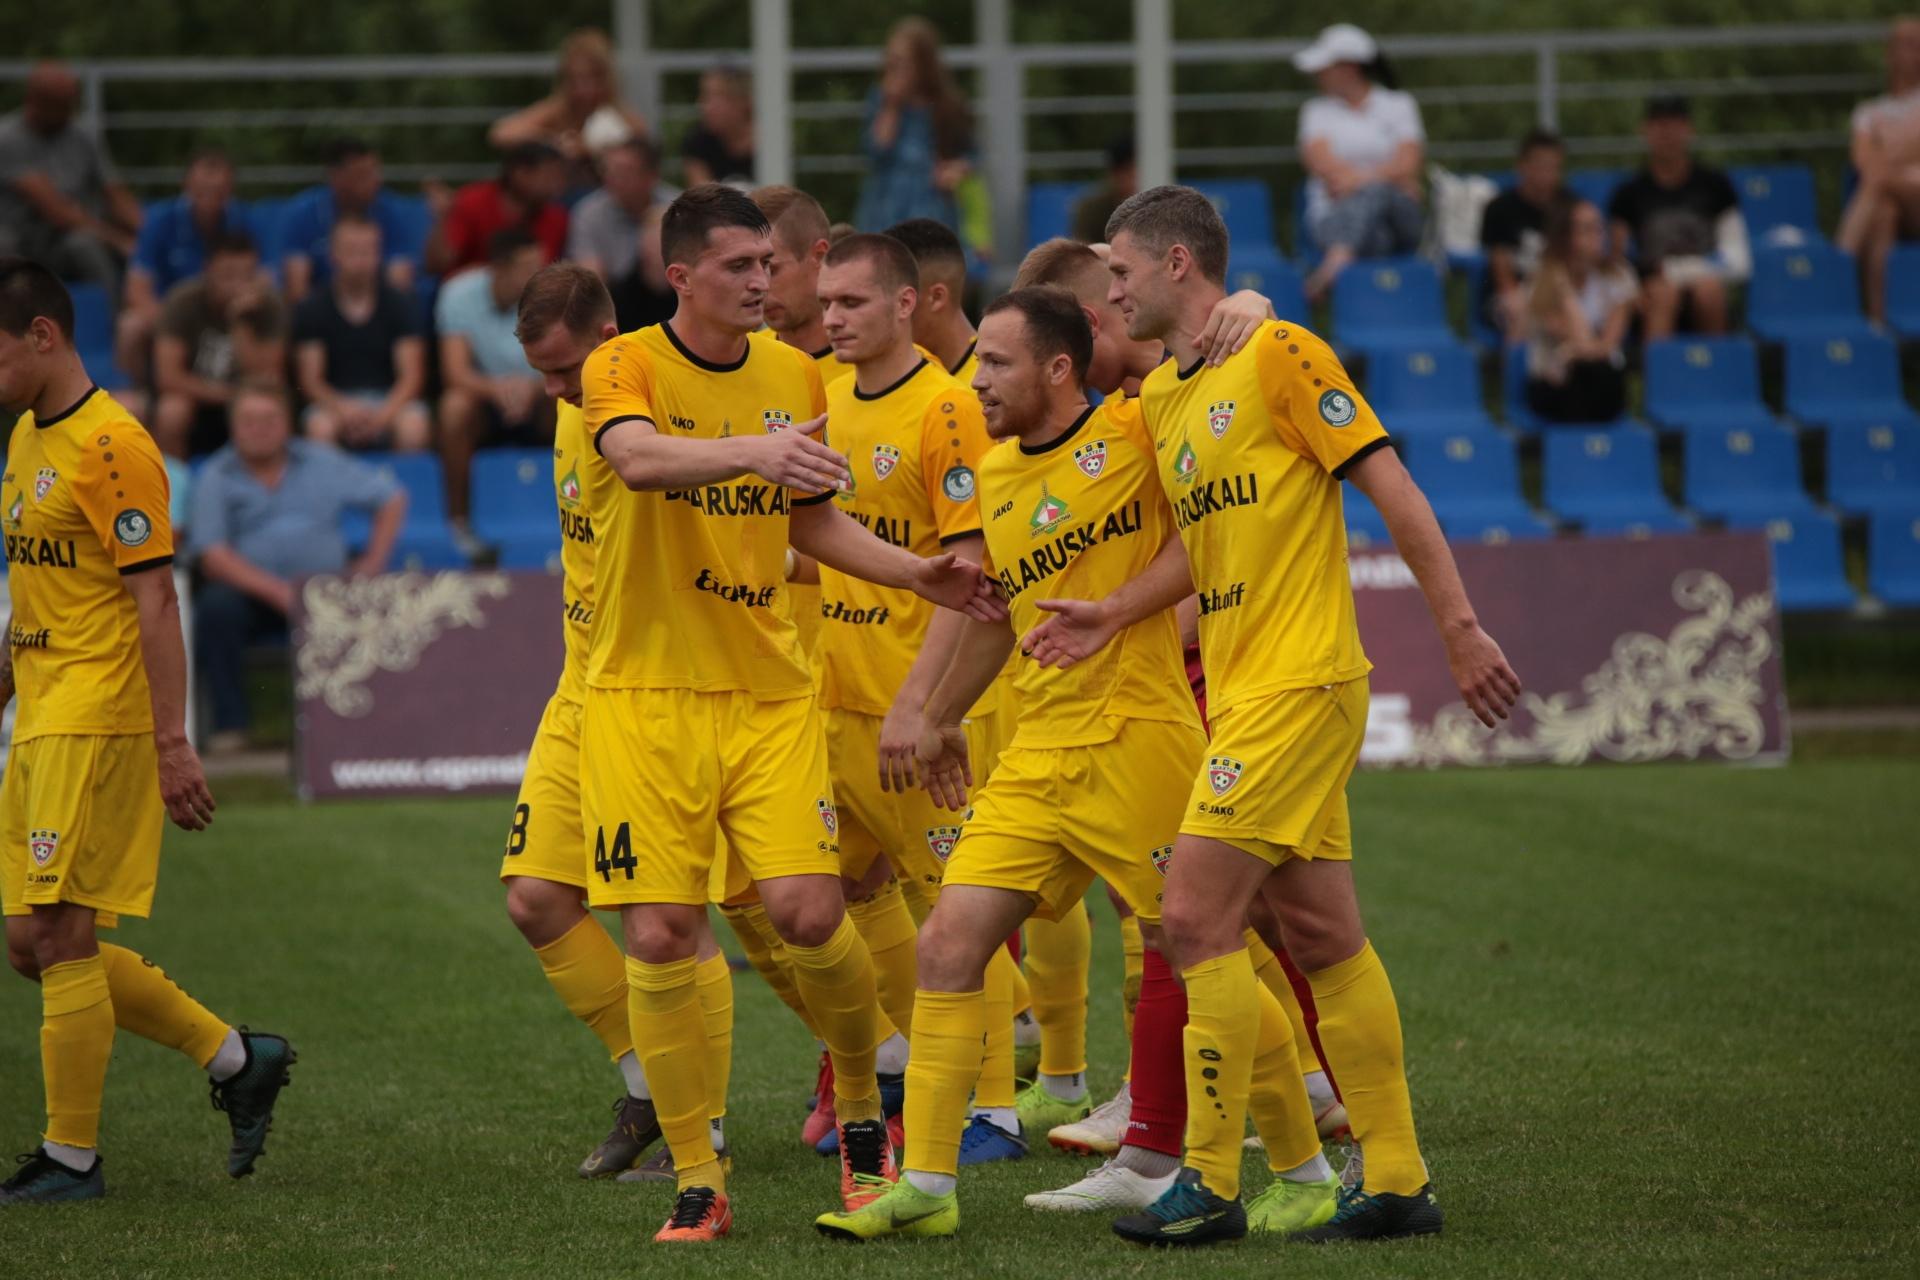 ФК Шахтер Солигорск | Match | Смолевичи - Шахтер Солигорск 0:2